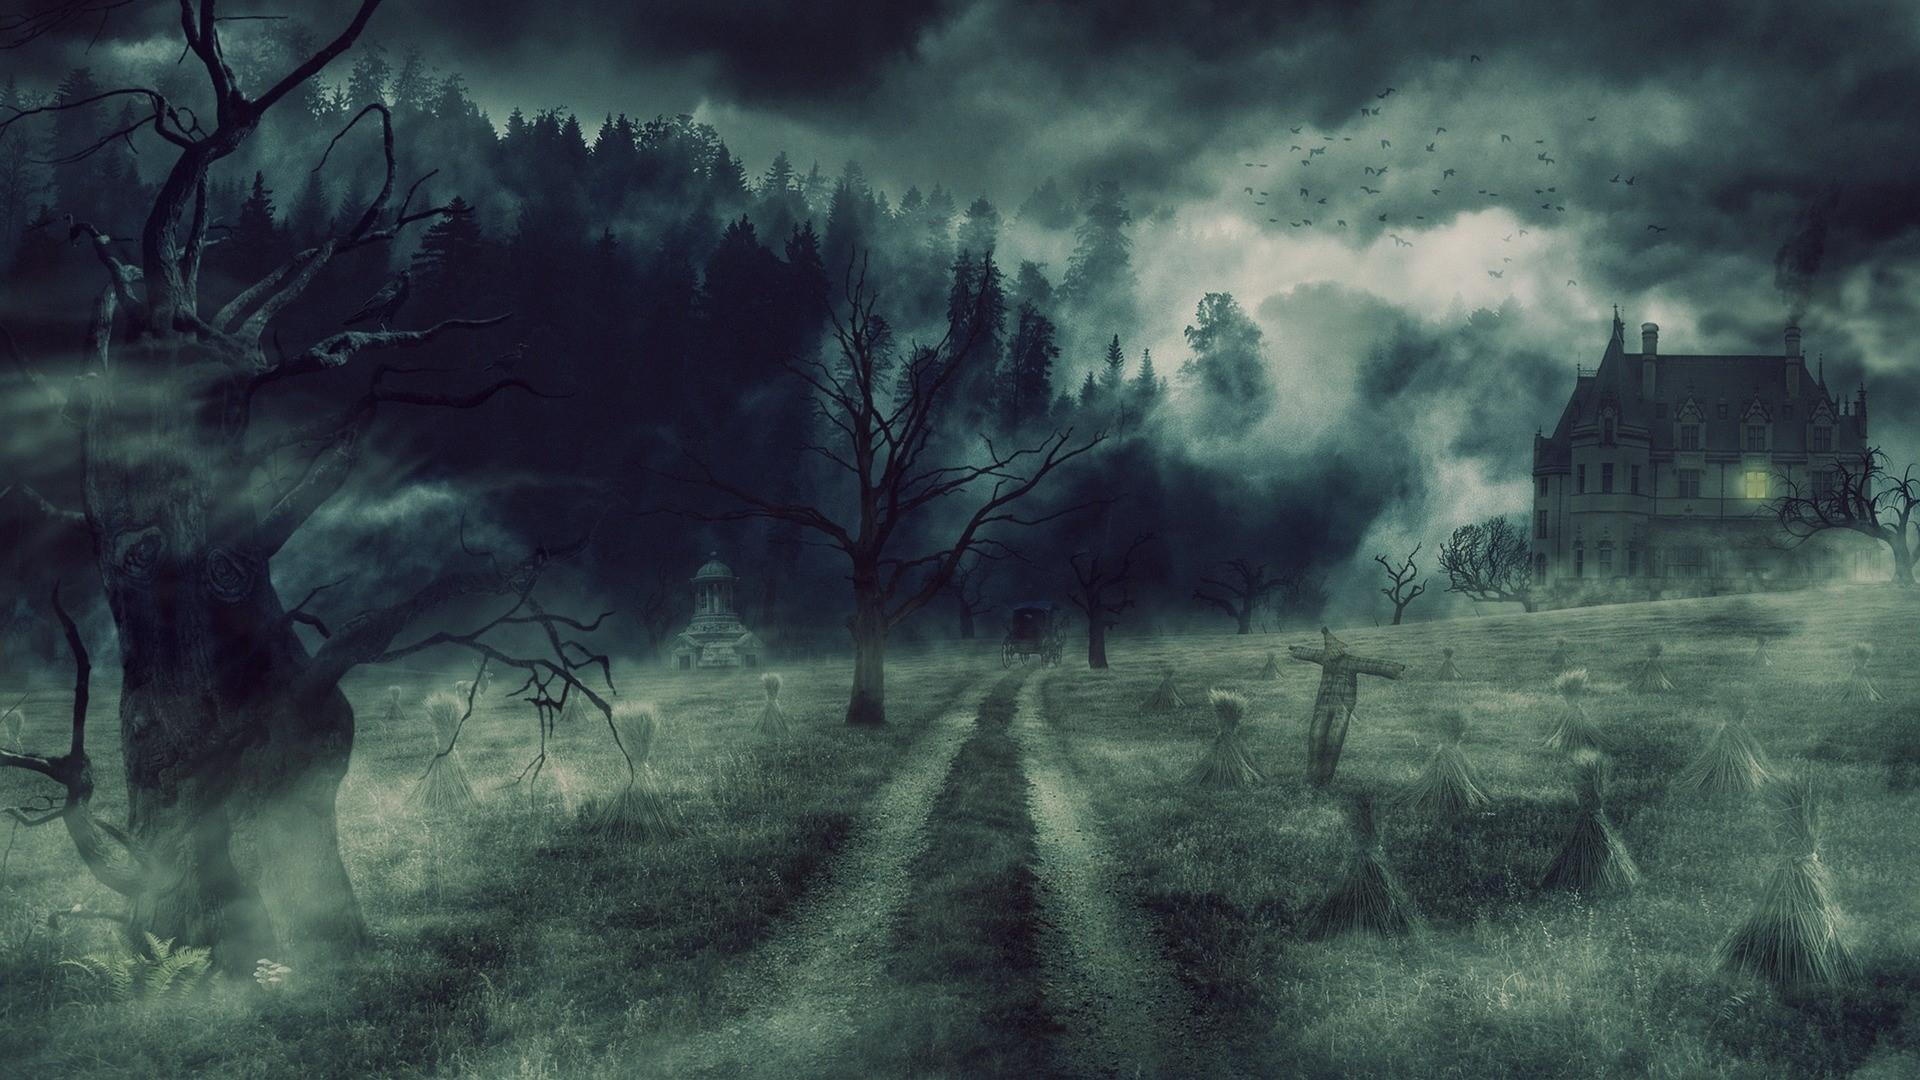 Image of a gothic mansion in fog by Sebastián-Malz on Pixabay.